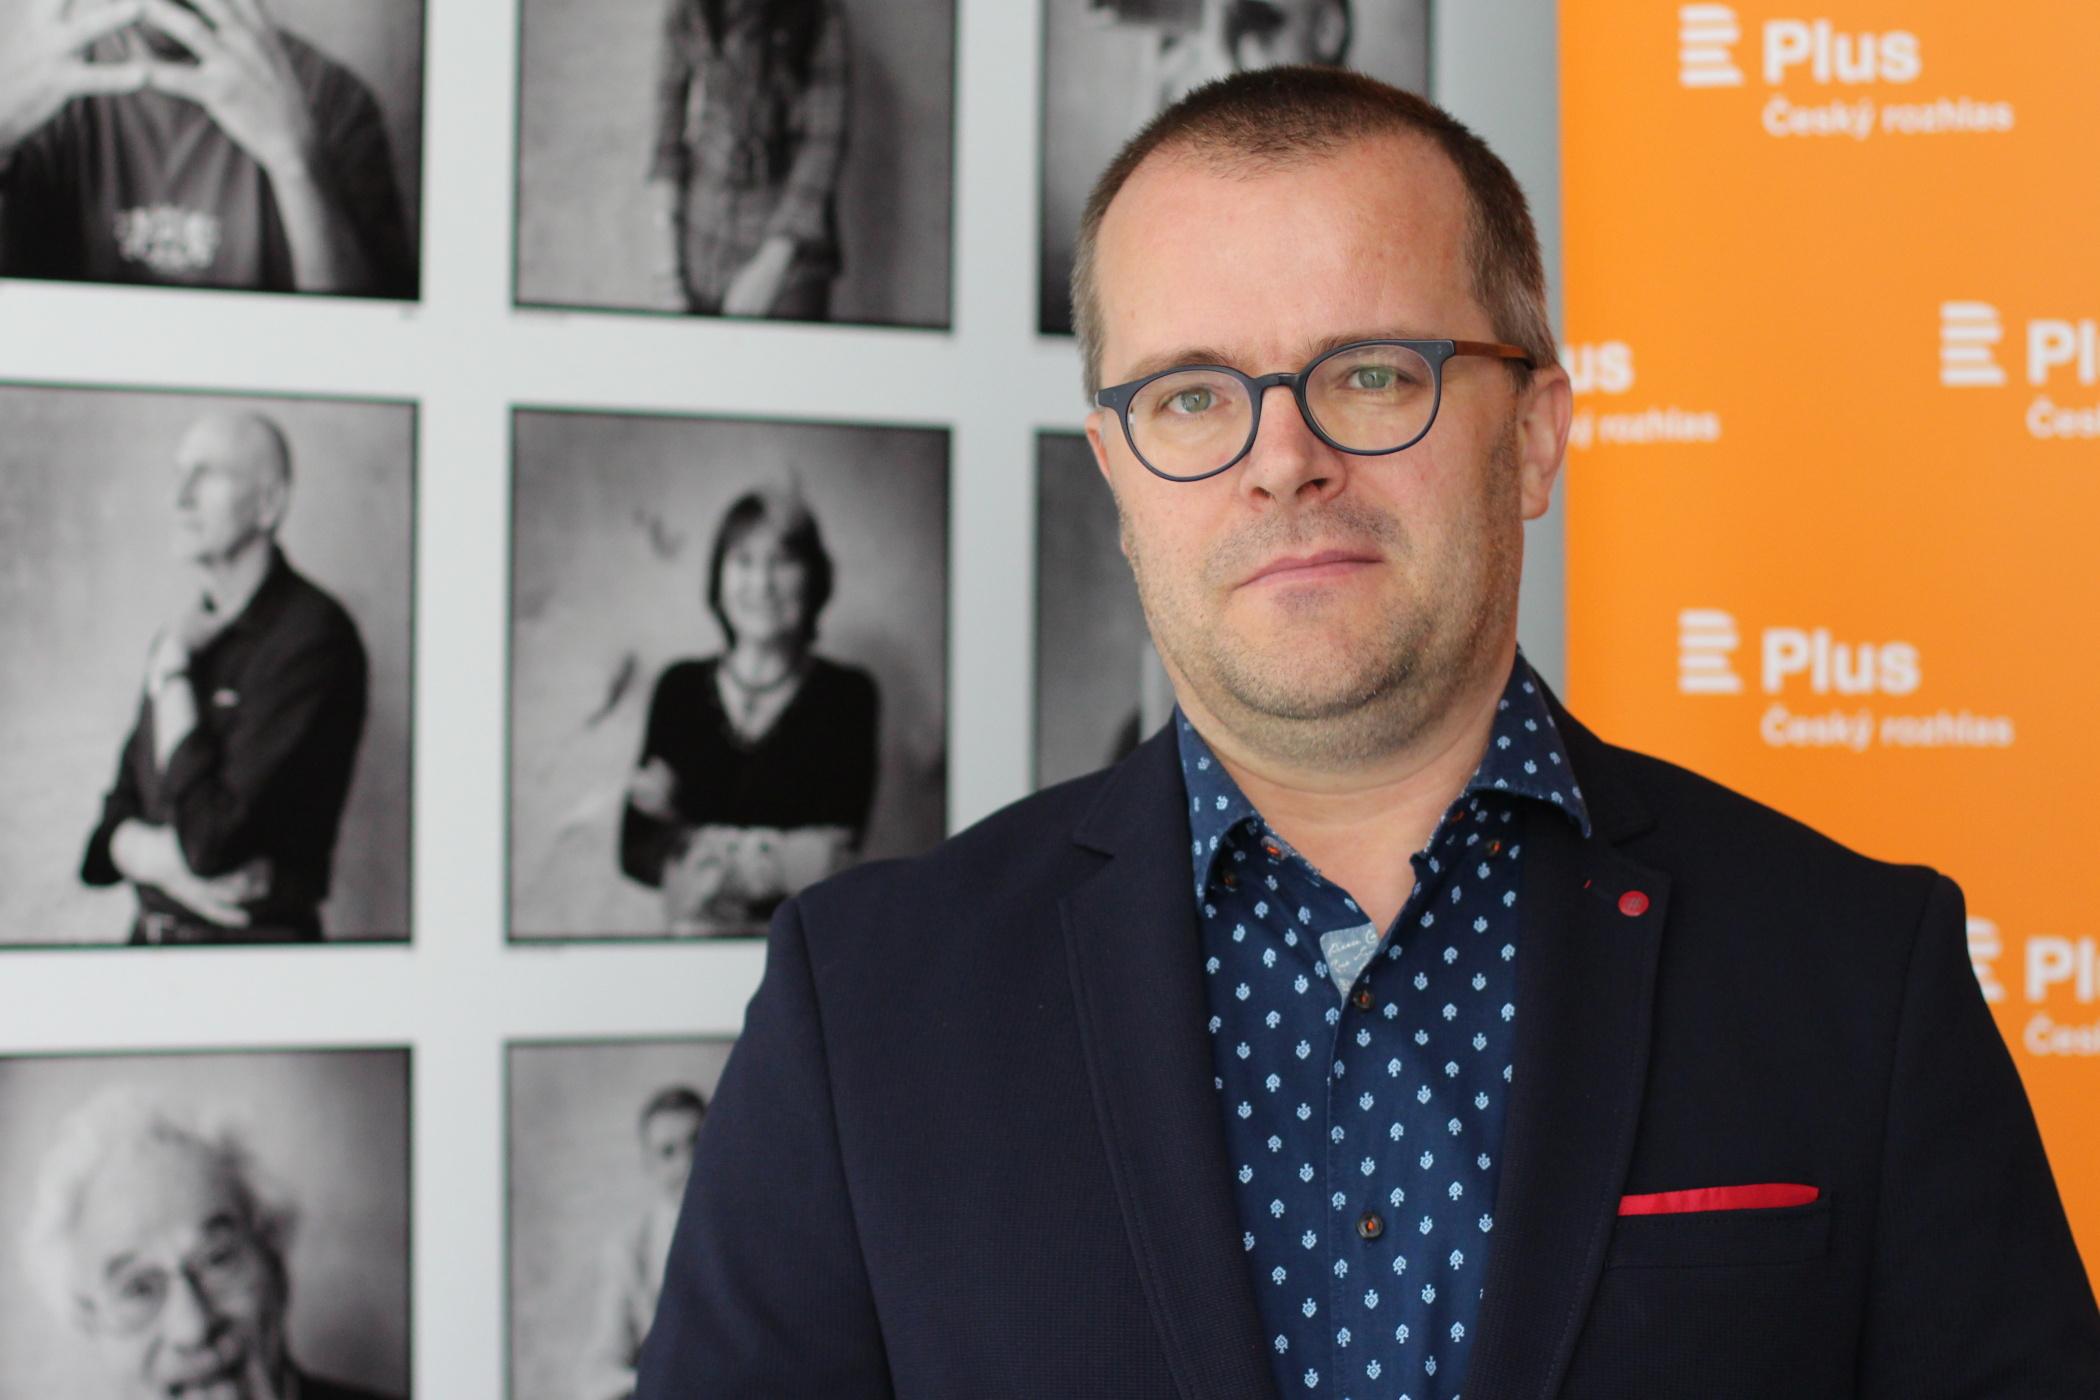 Novinář Josef Pazderka